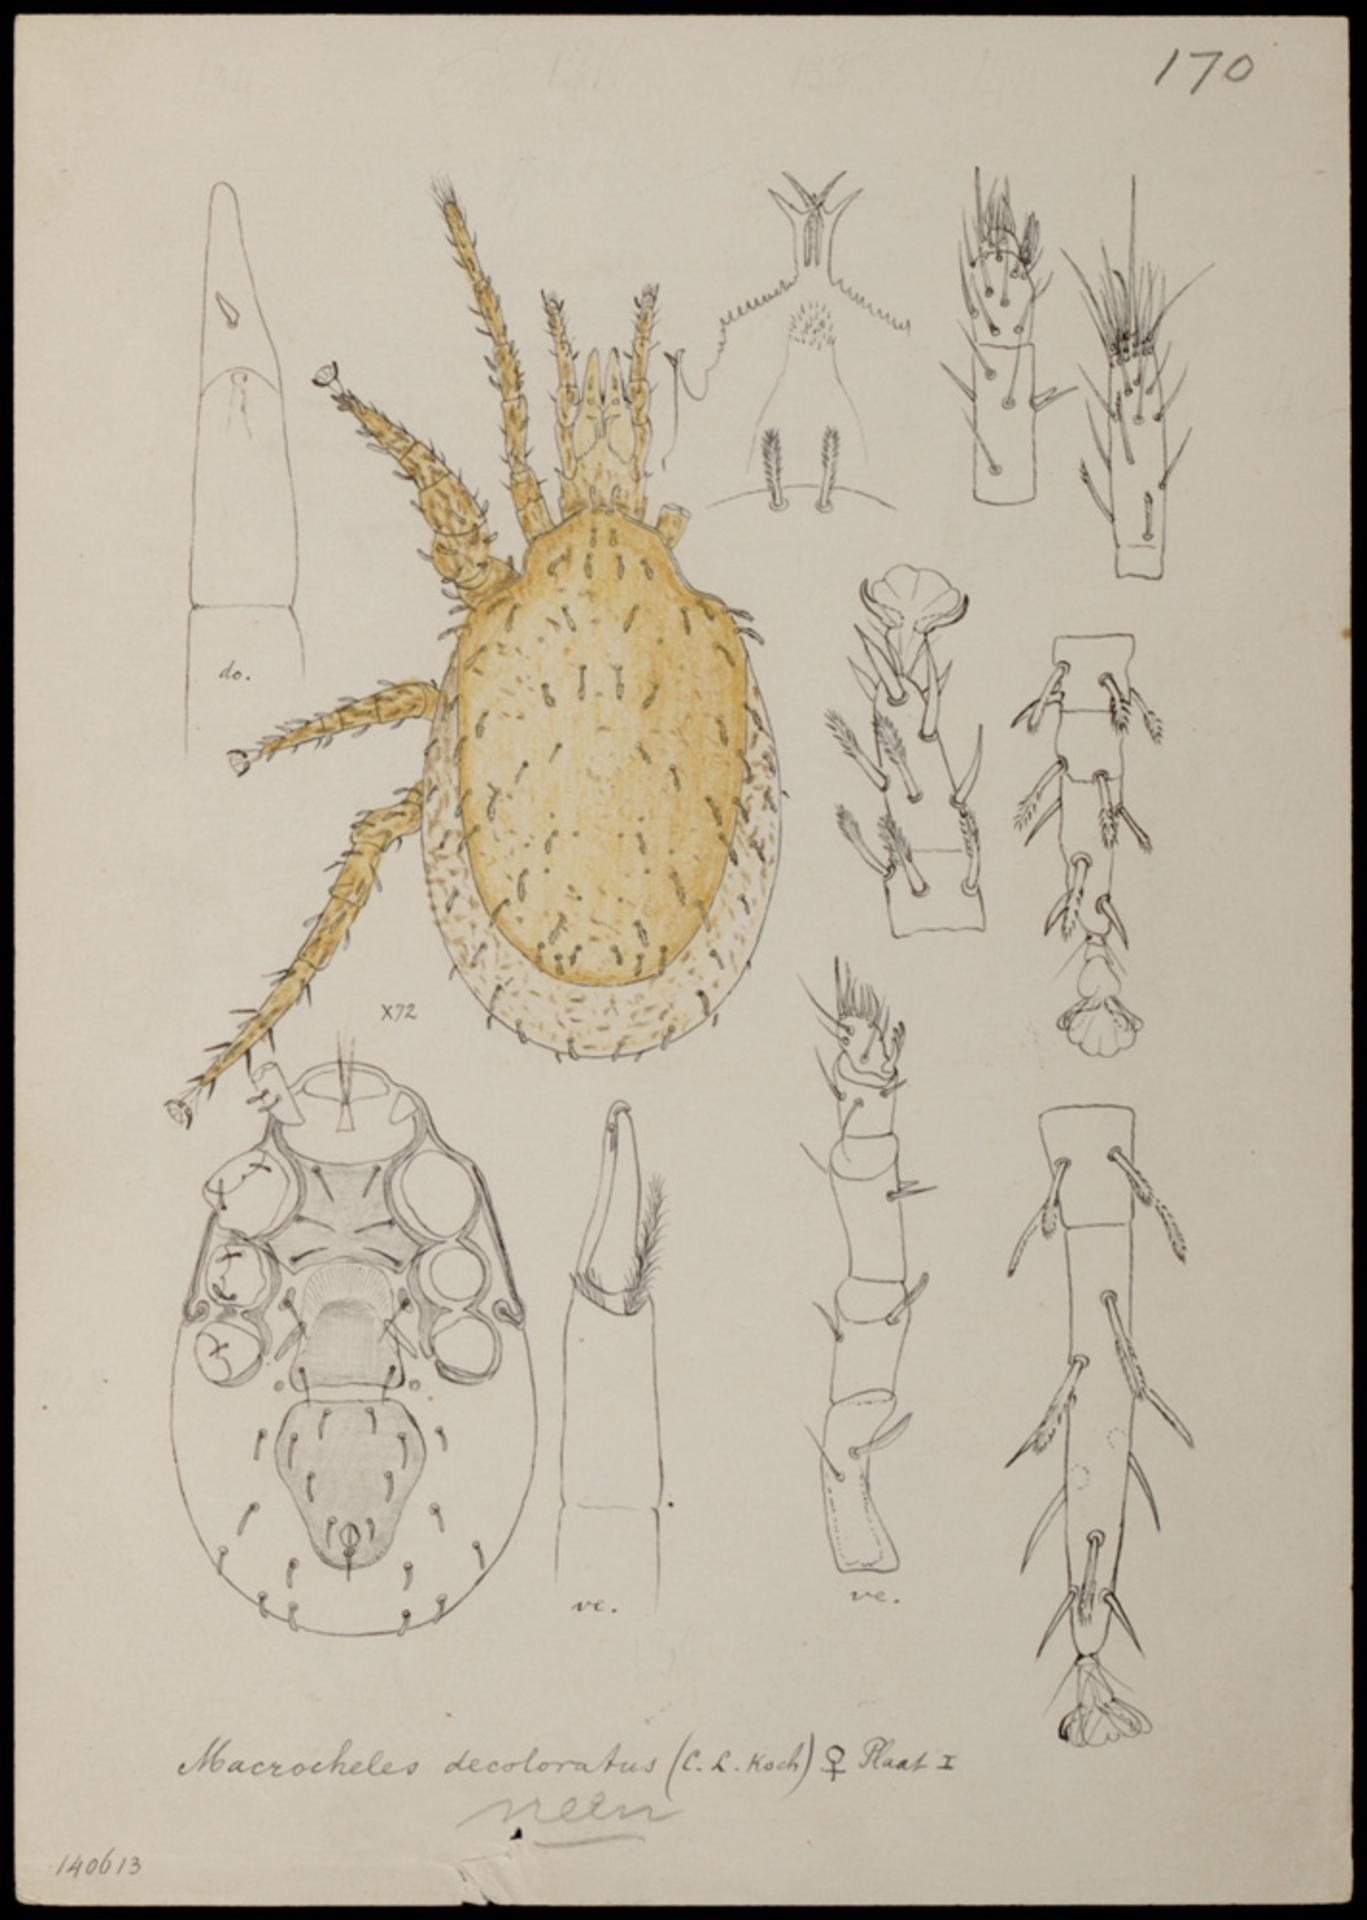 RMNH.ART.1030   Macrocheles decoloratus (C. L. Koch)